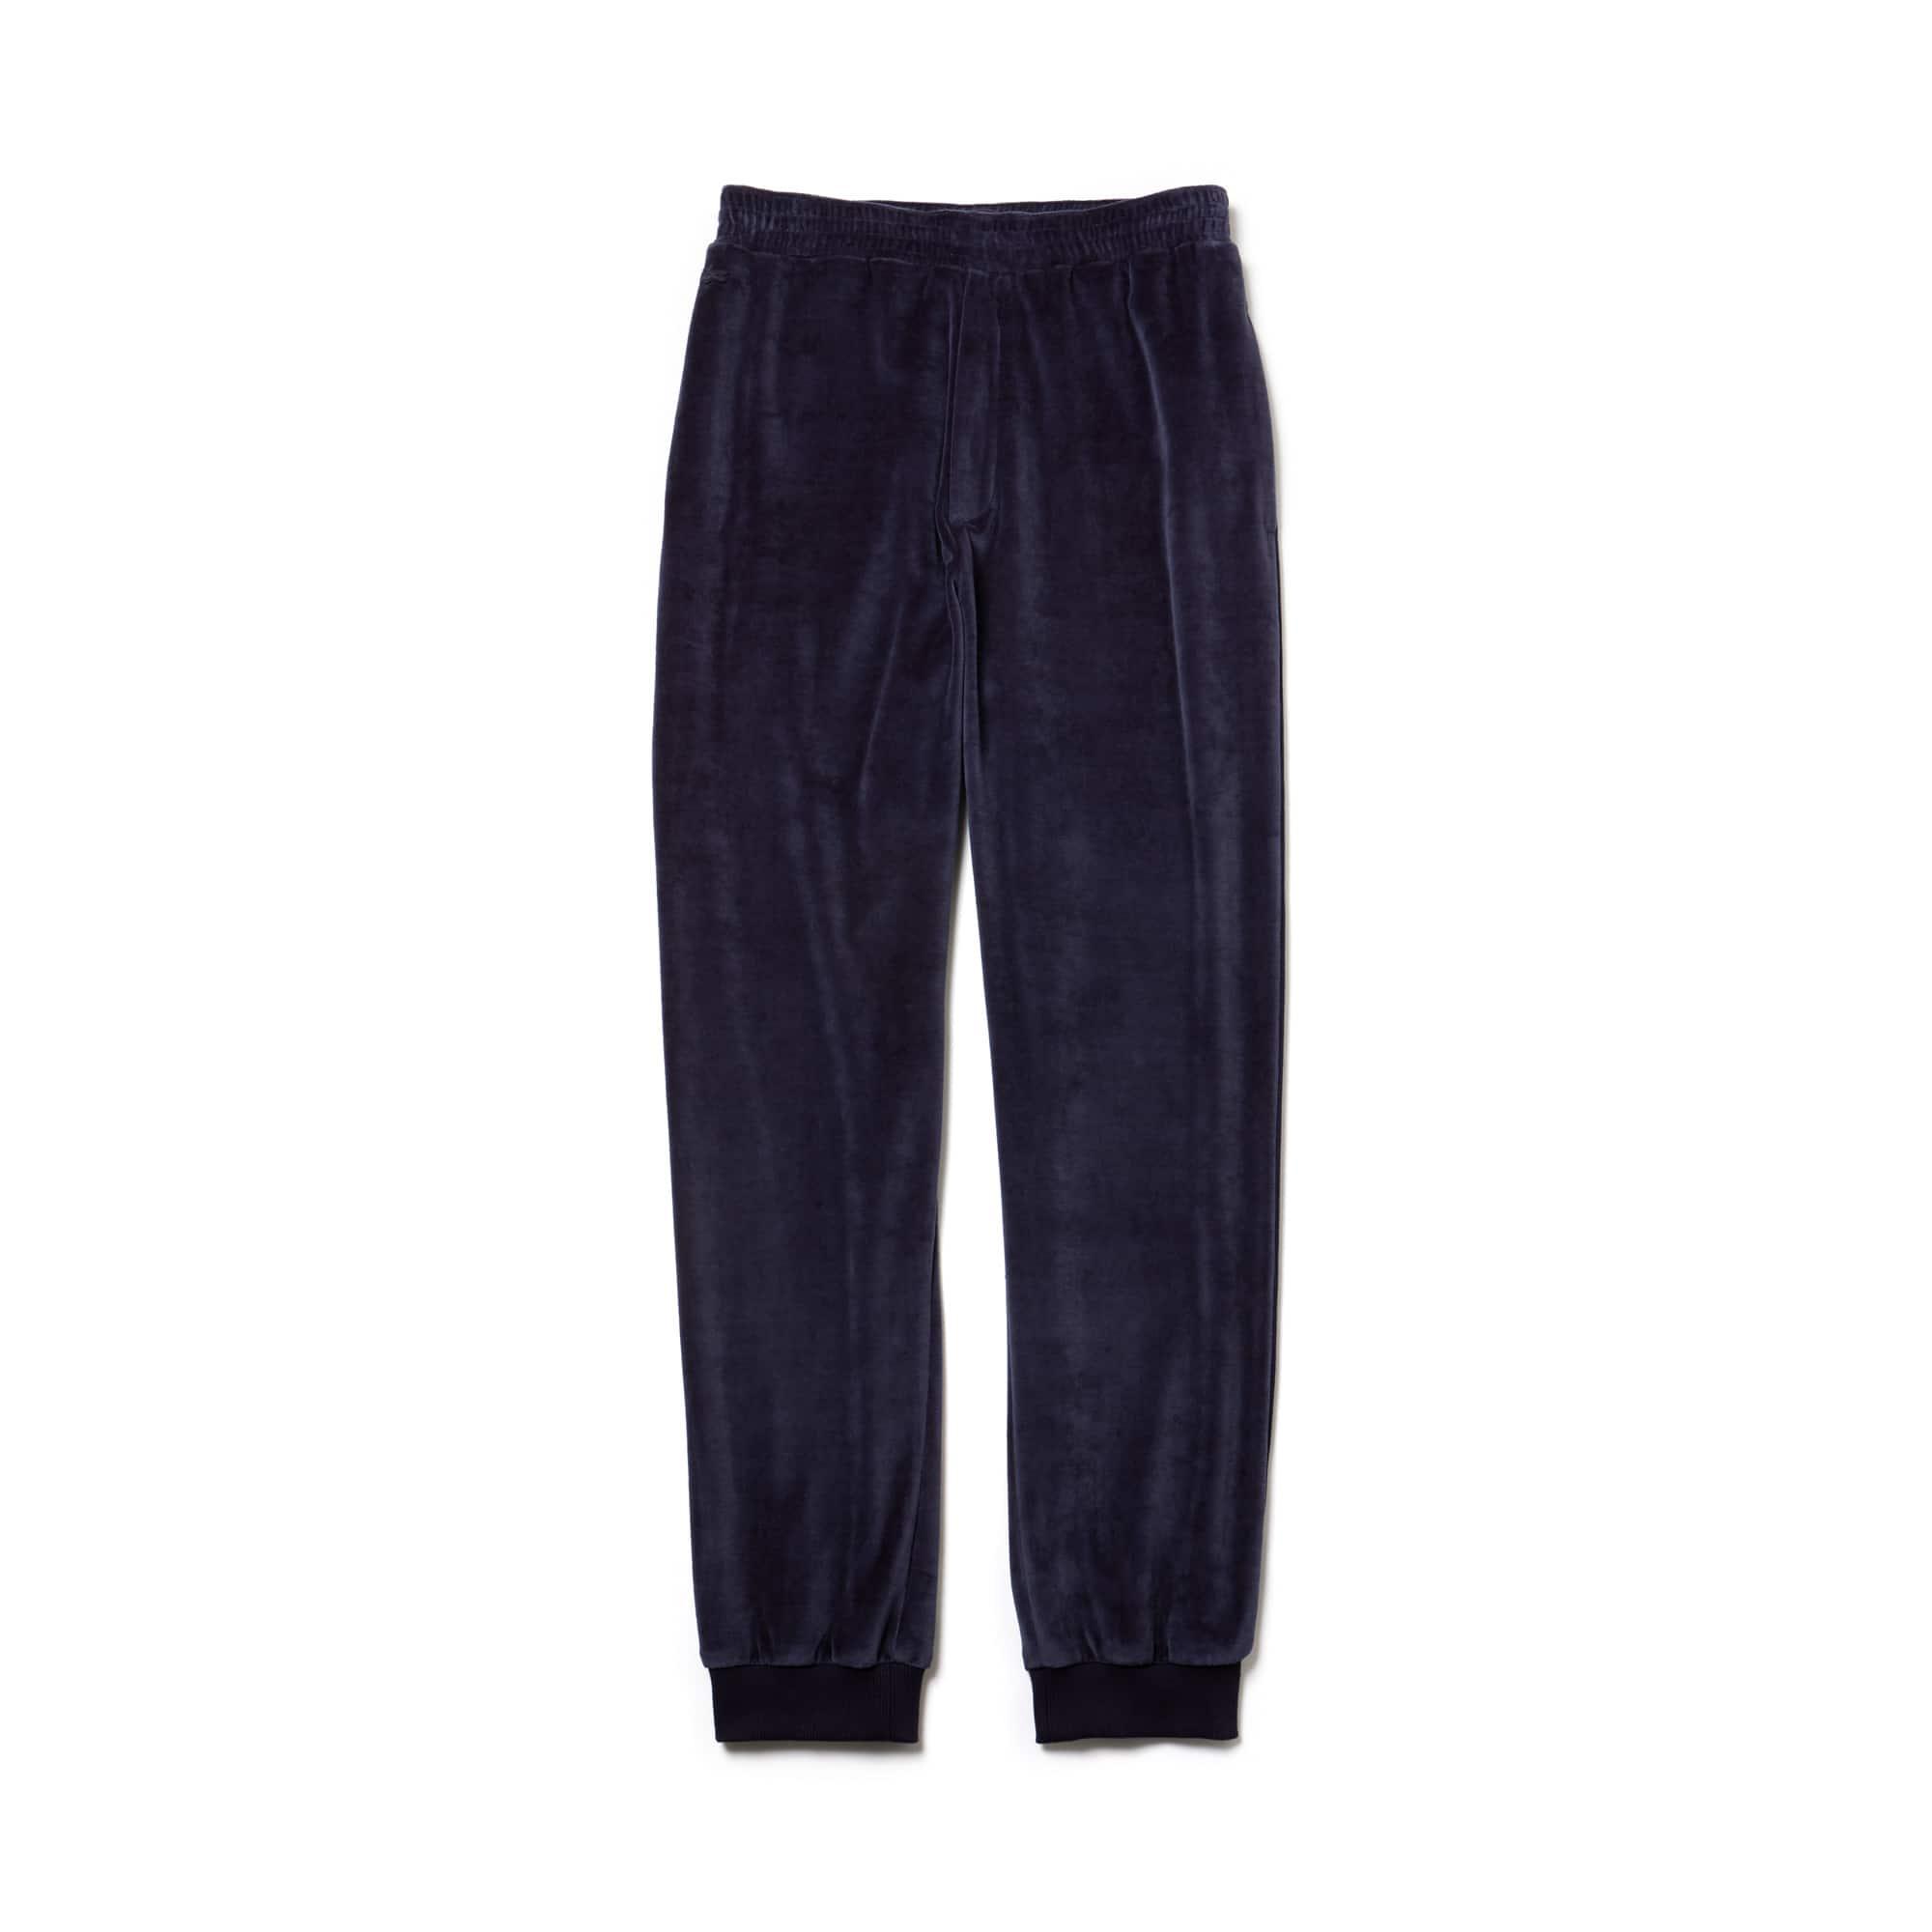 衍缝丝绒男士时尚运动裤